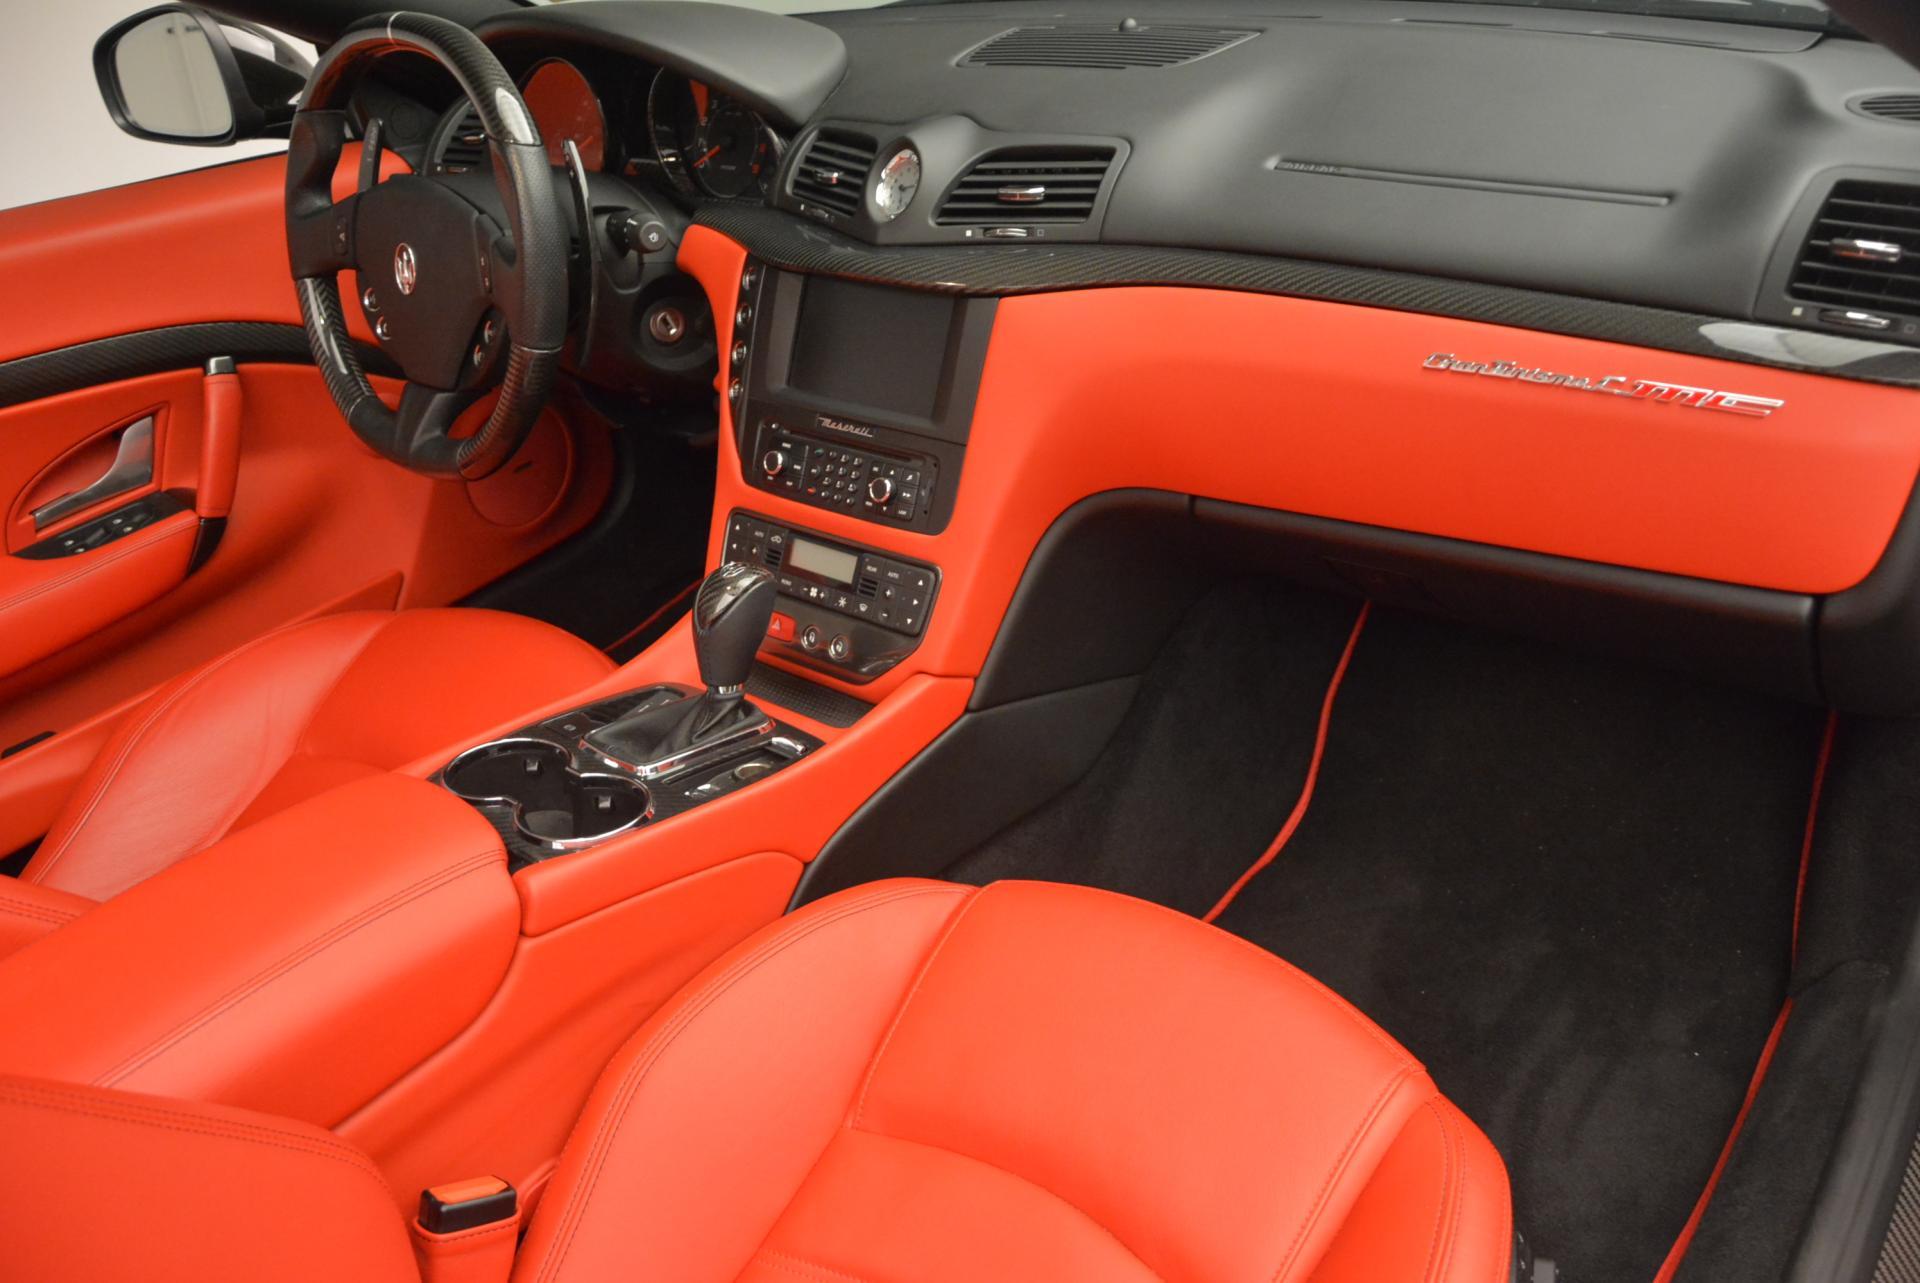 Used 2013 Maserati GranTurismo MC For Sale In Greenwich, CT 521_p27